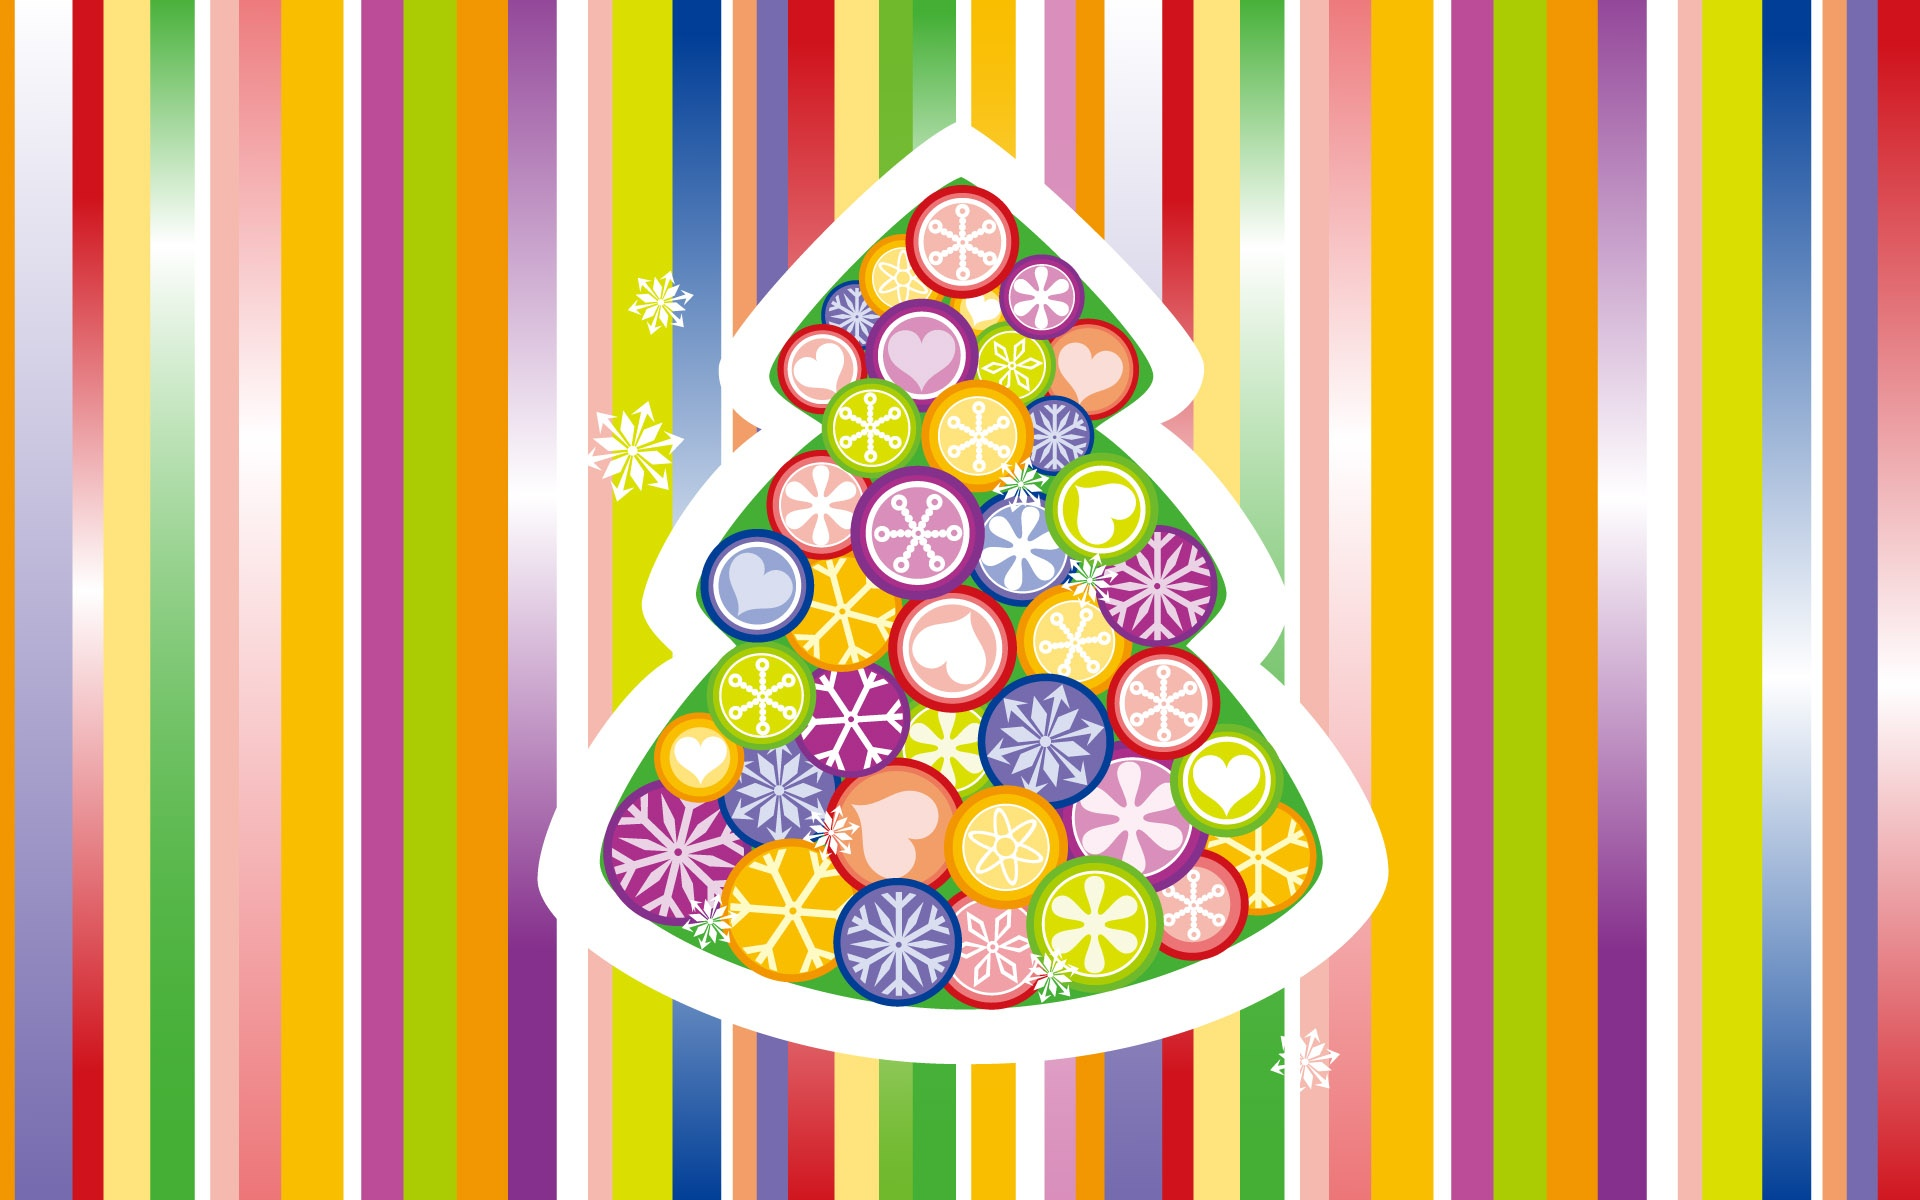 Bunte Vektor Weihnachtsbaum 1920x1200 HD Hintergrundbilder, HD, Bild